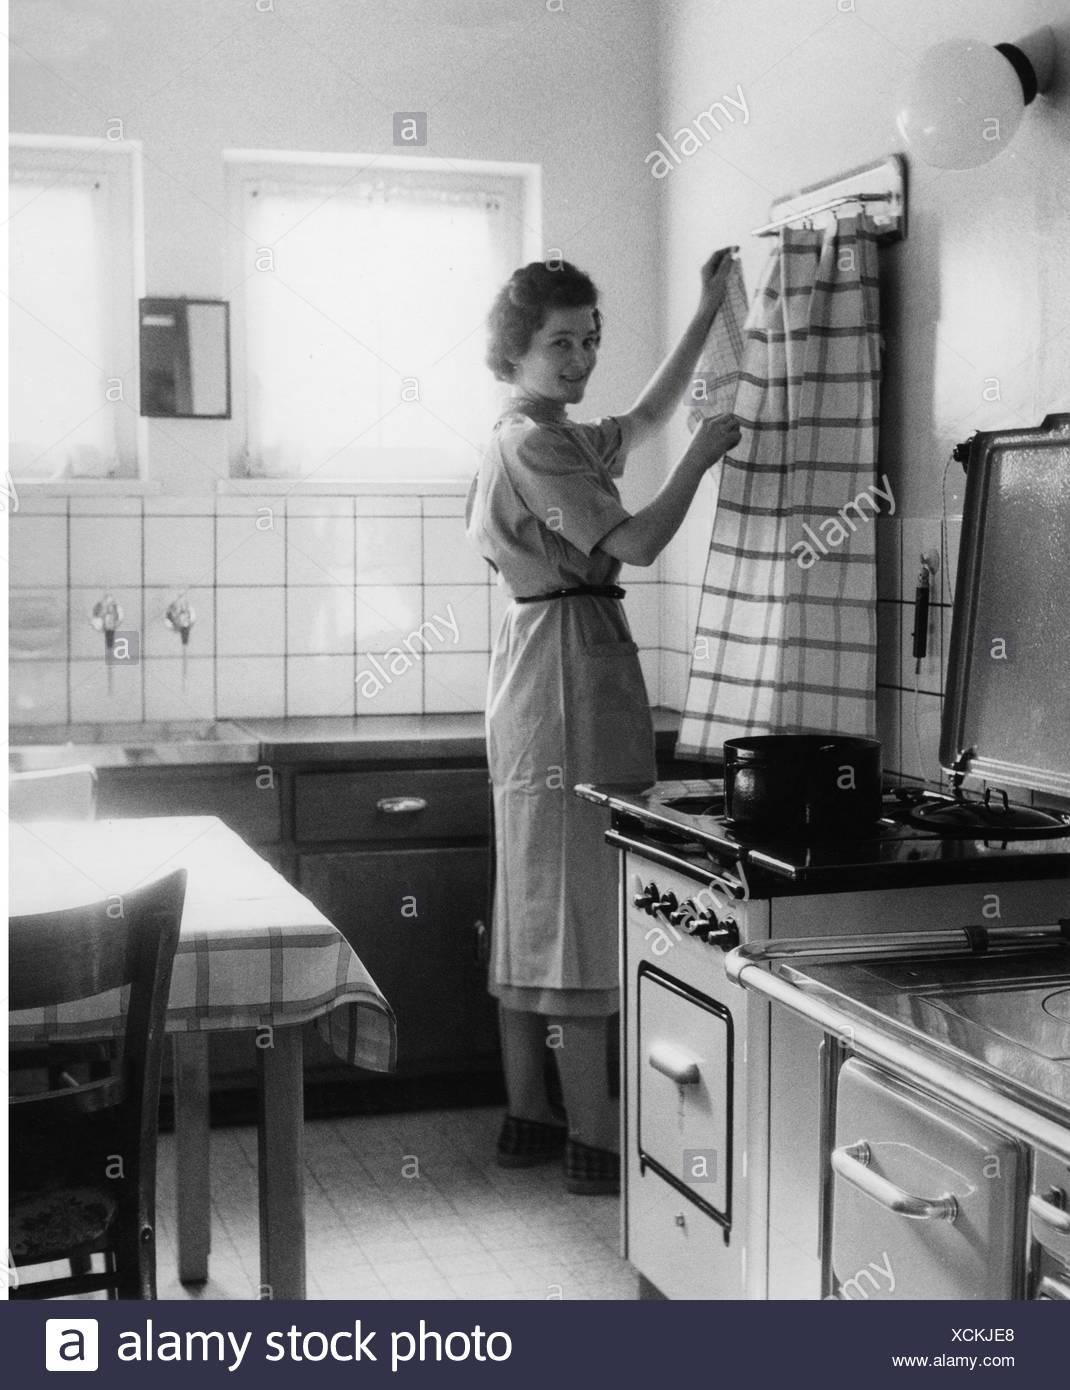 Küche Und Haushalt Online Shop | Kuche Und Haushalt Kuche Und Haushalt Online Shop